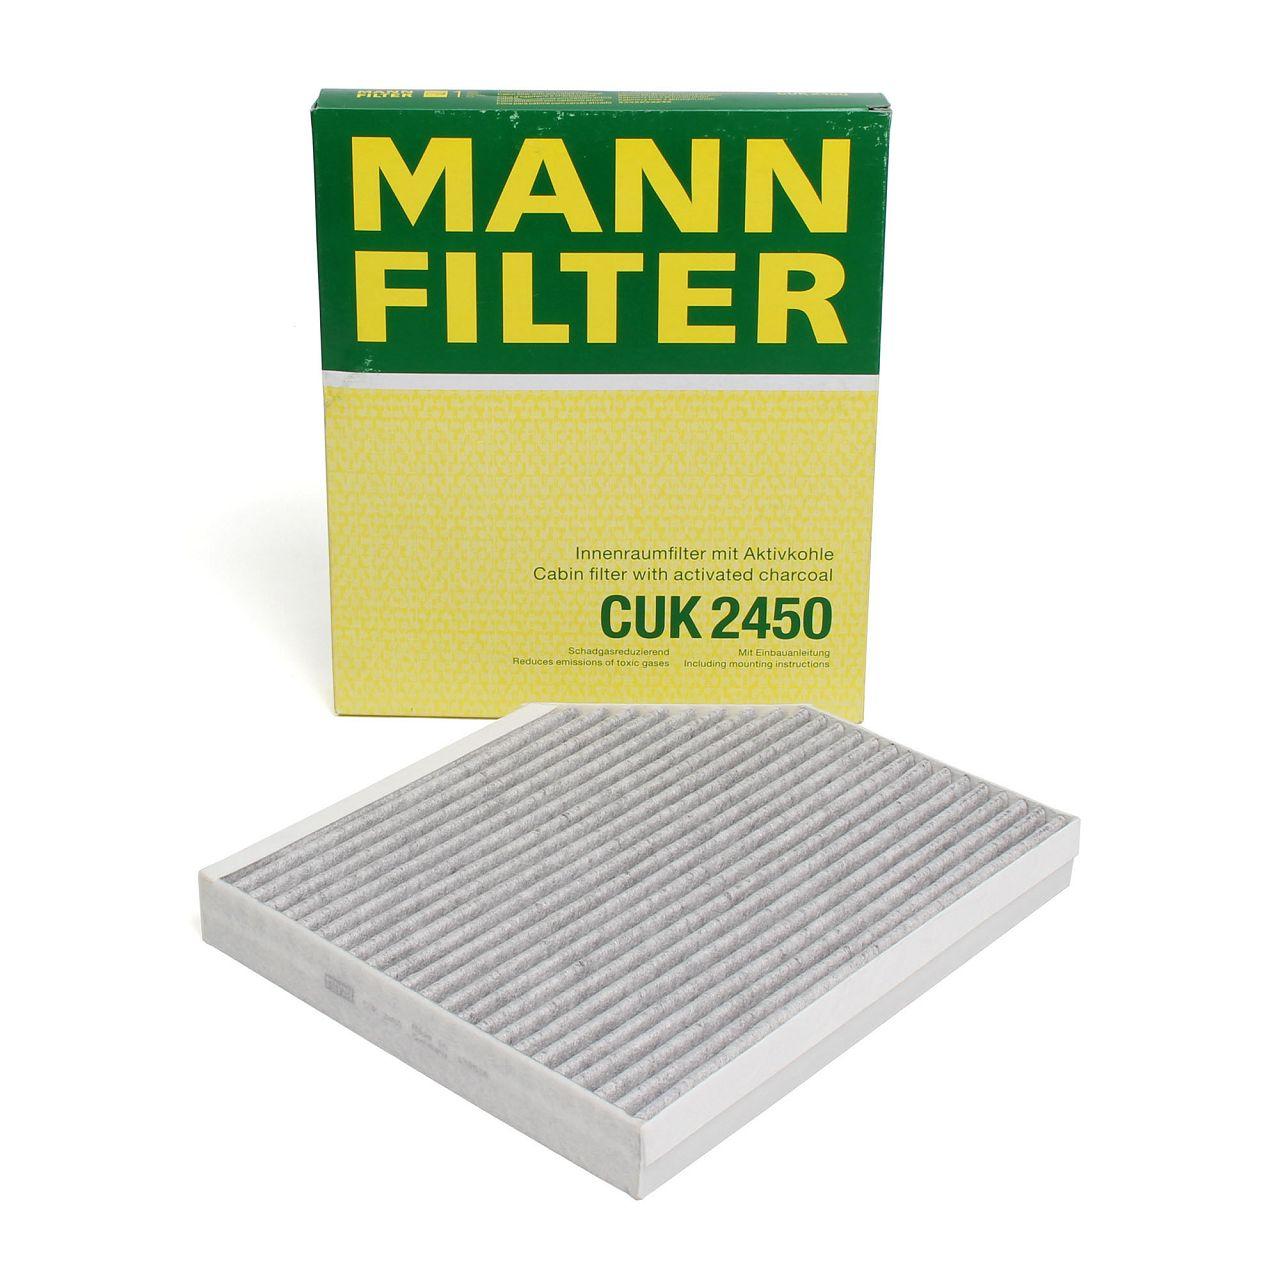 MANN Innenraumfilter Aktivkohle CUK2450 für AUDI A4 B8 A5 Q5 8R PORSCHE MACAN